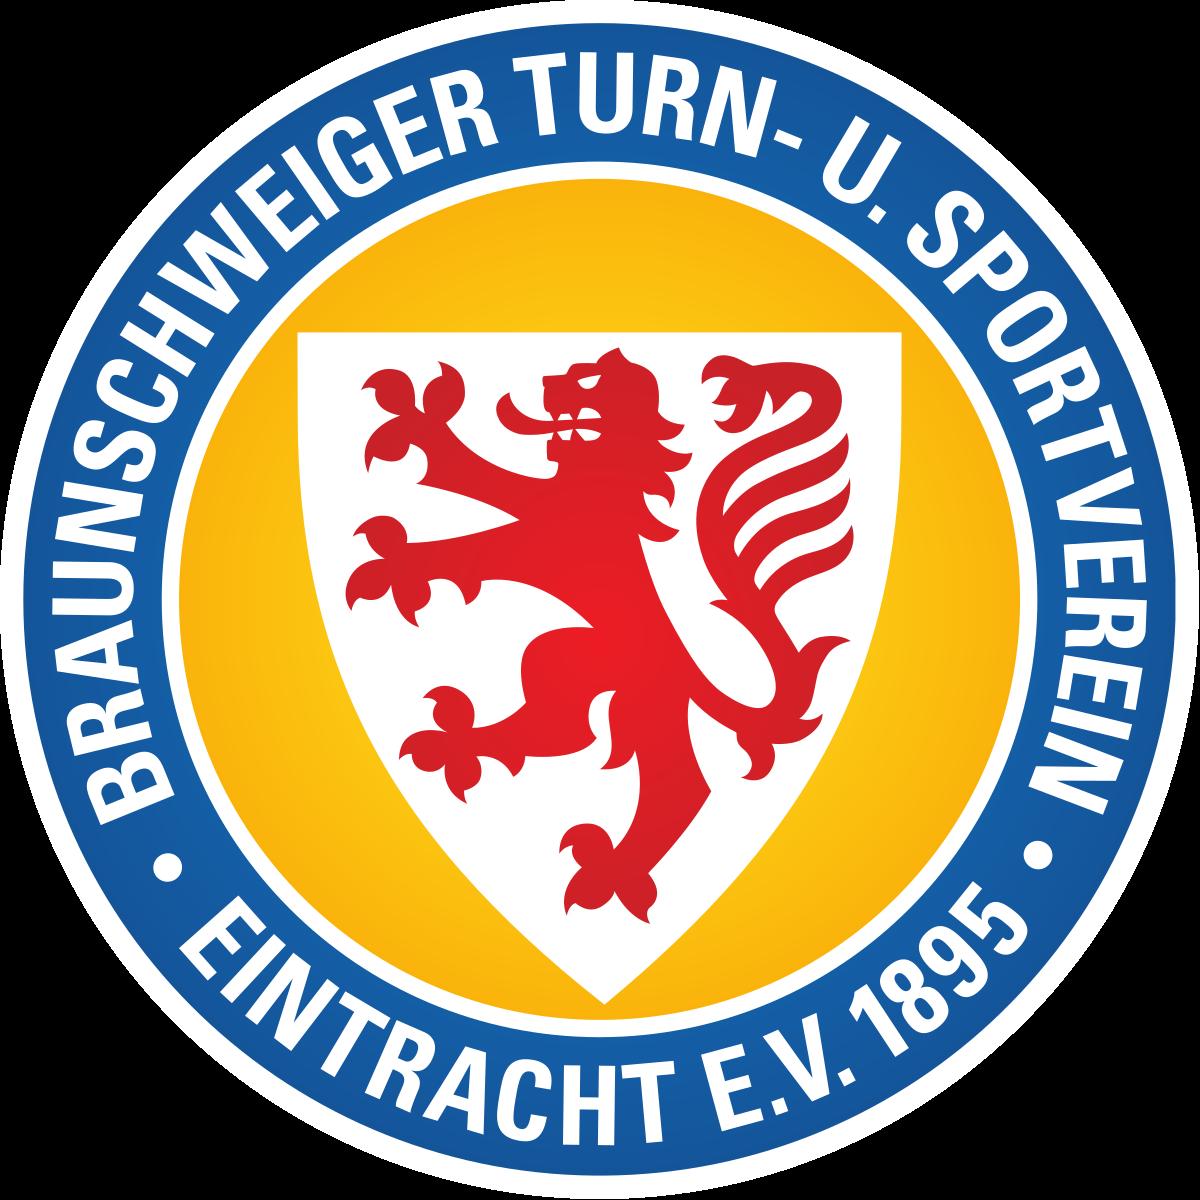 BTSV Eintracht Braunschweig 1895 e.V. I